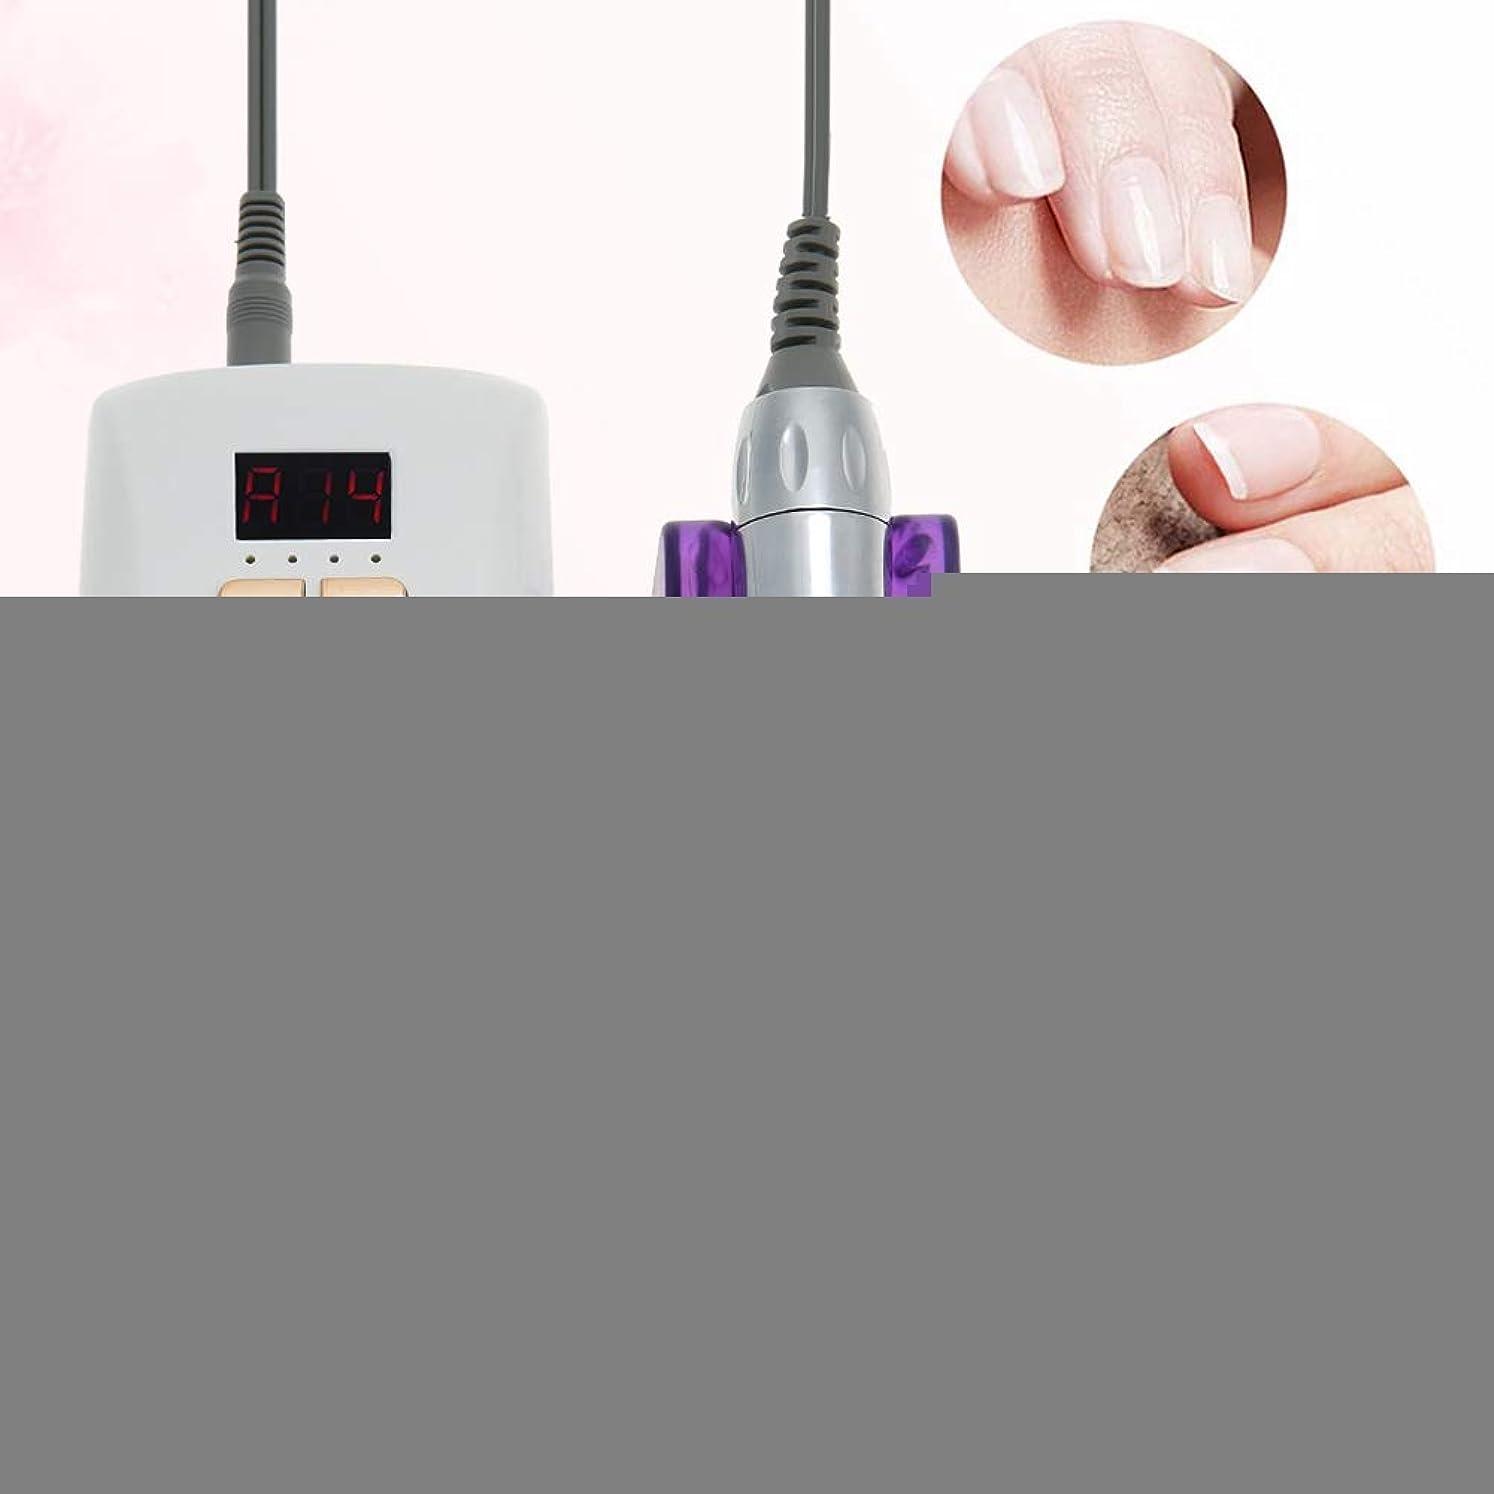 信条に応じてマーガレットミッチェル30000 rpmネイルファイルドリル機、電動ポータブル充電式マニキュアペディキュア研磨ツールキット用バッファーと滑らかな爪(私たちはプラグ)